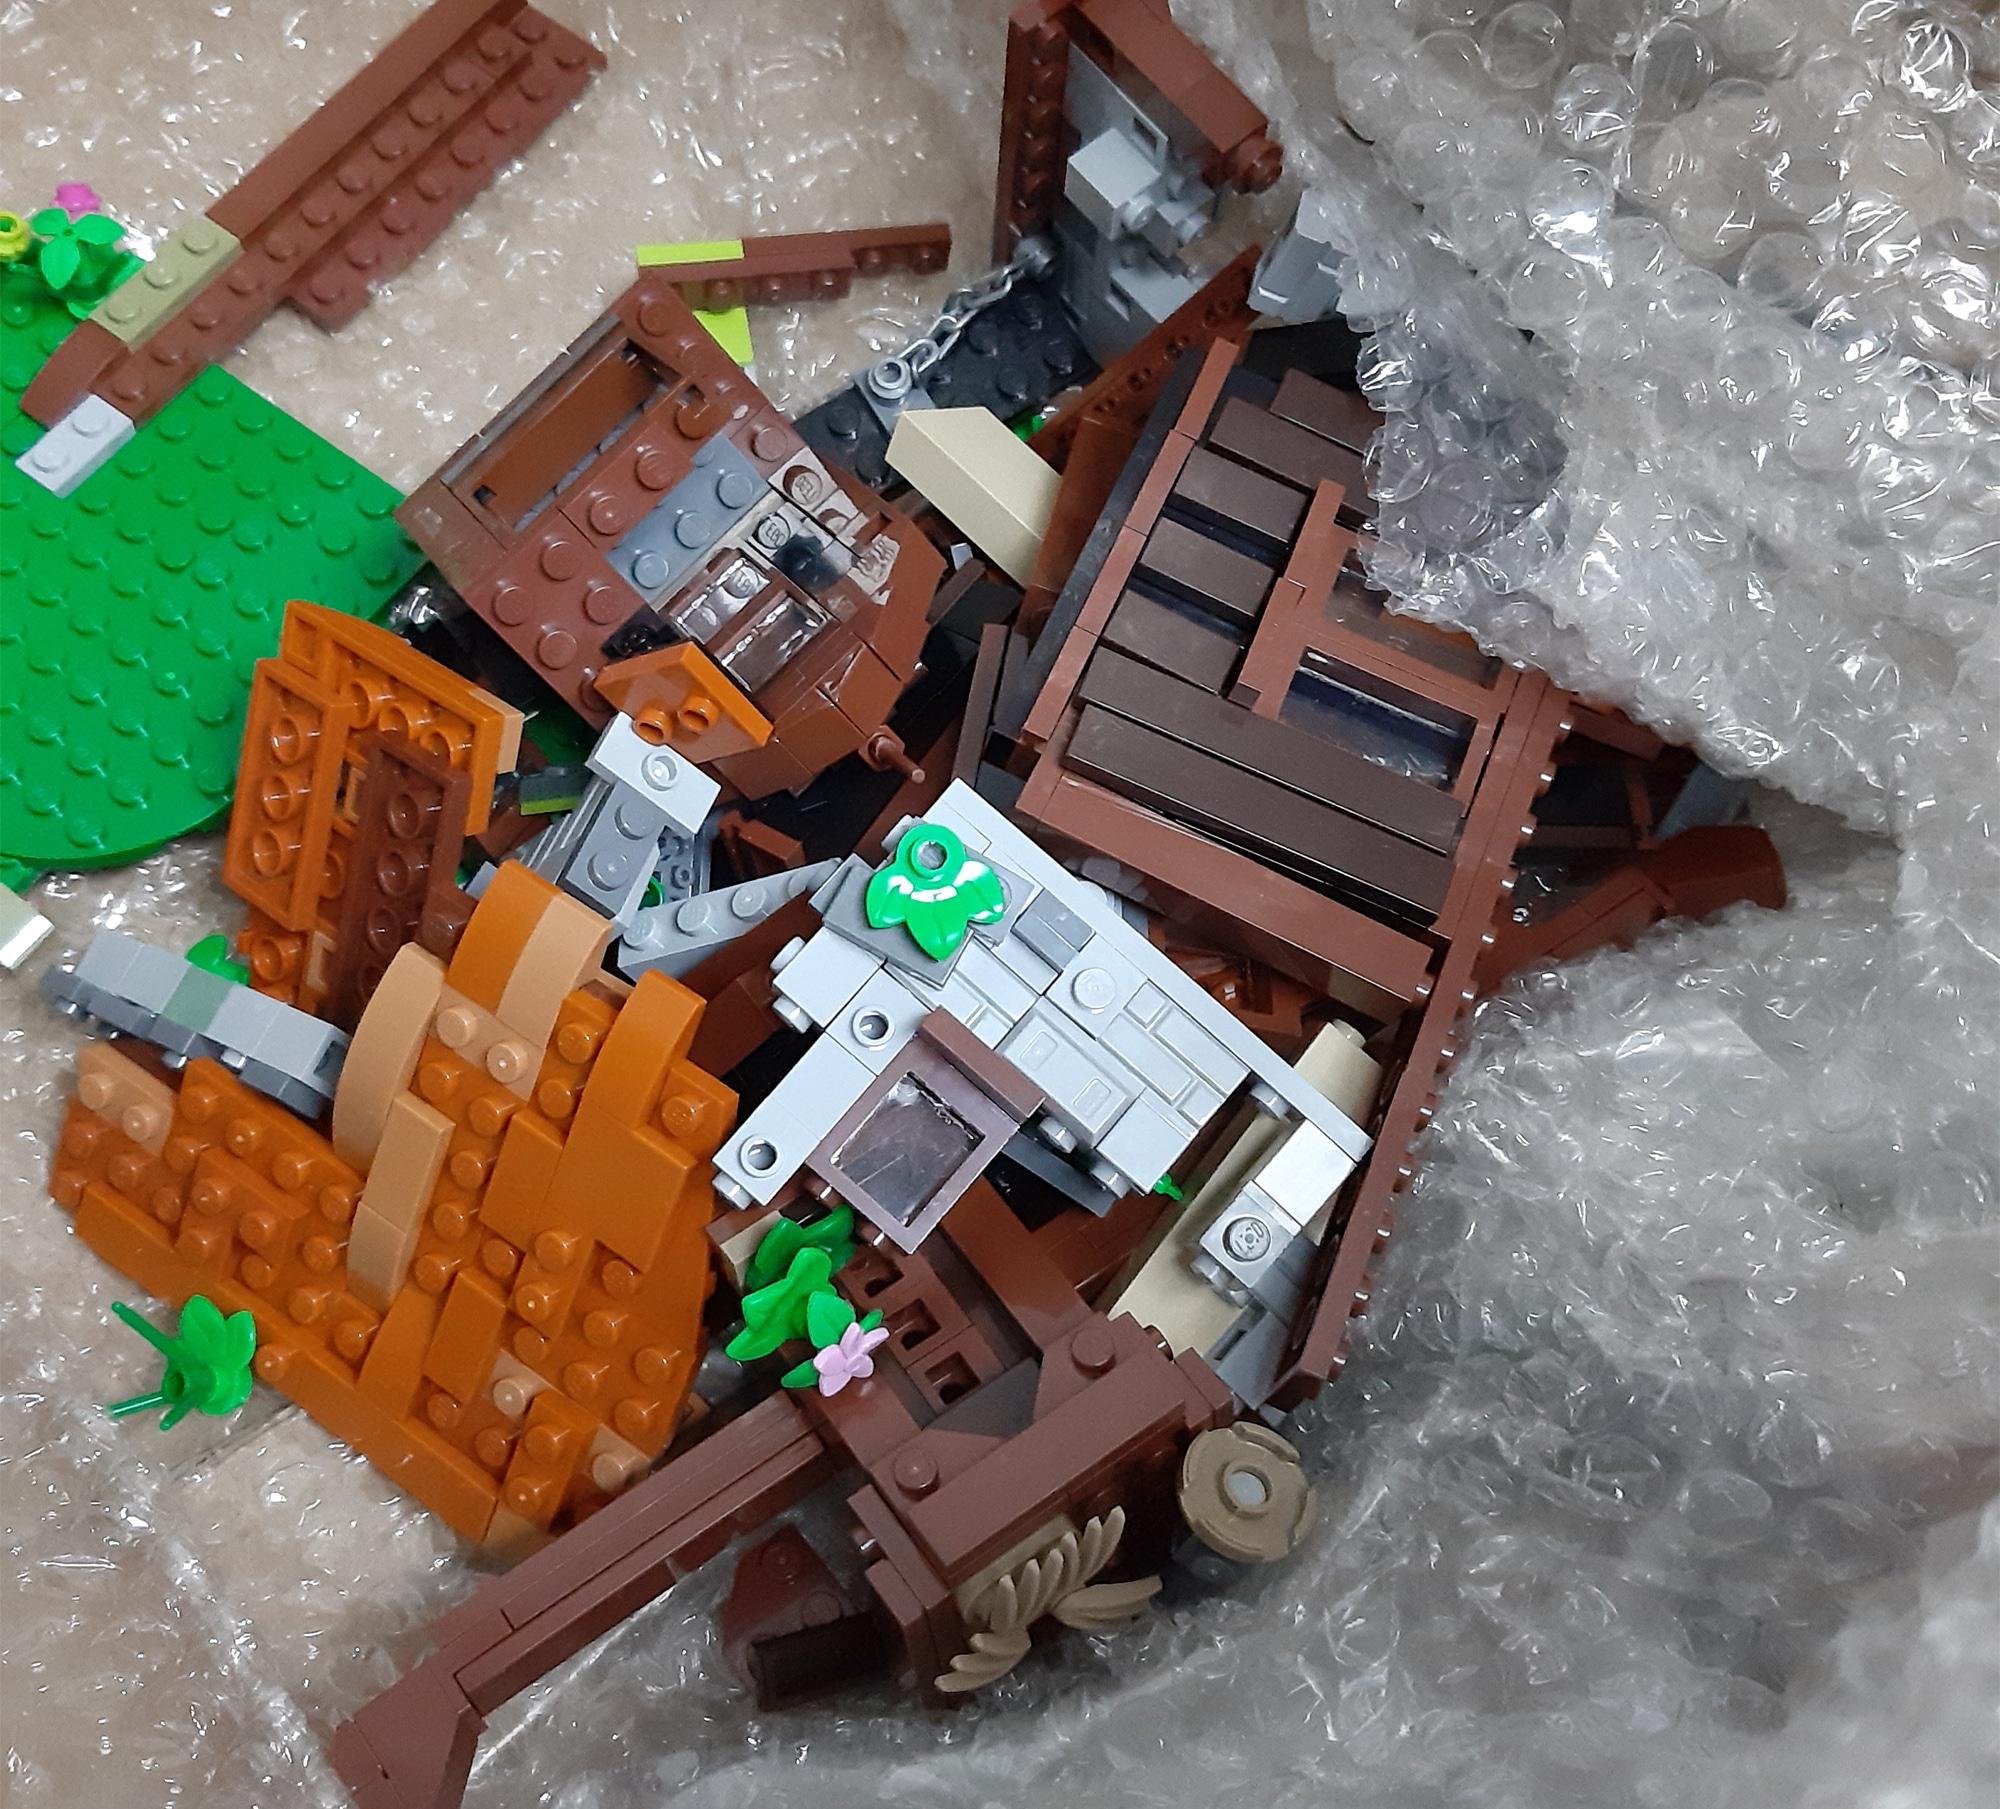 LEGO Haensel Und Gretel Versand Probleme